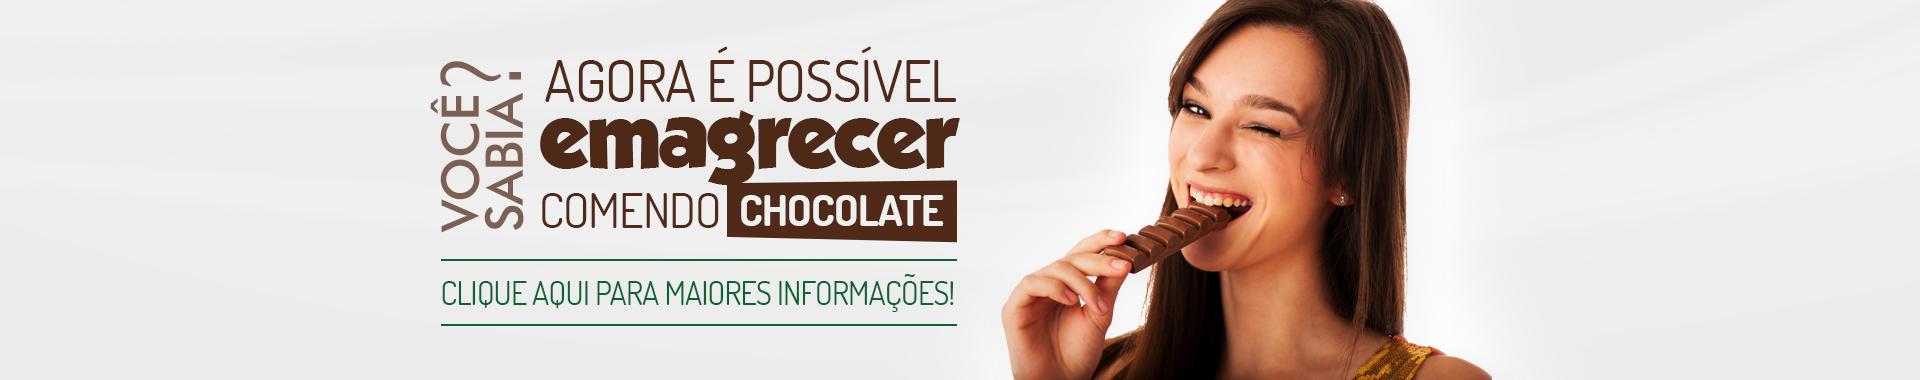 Emagrecer comendo chocolate